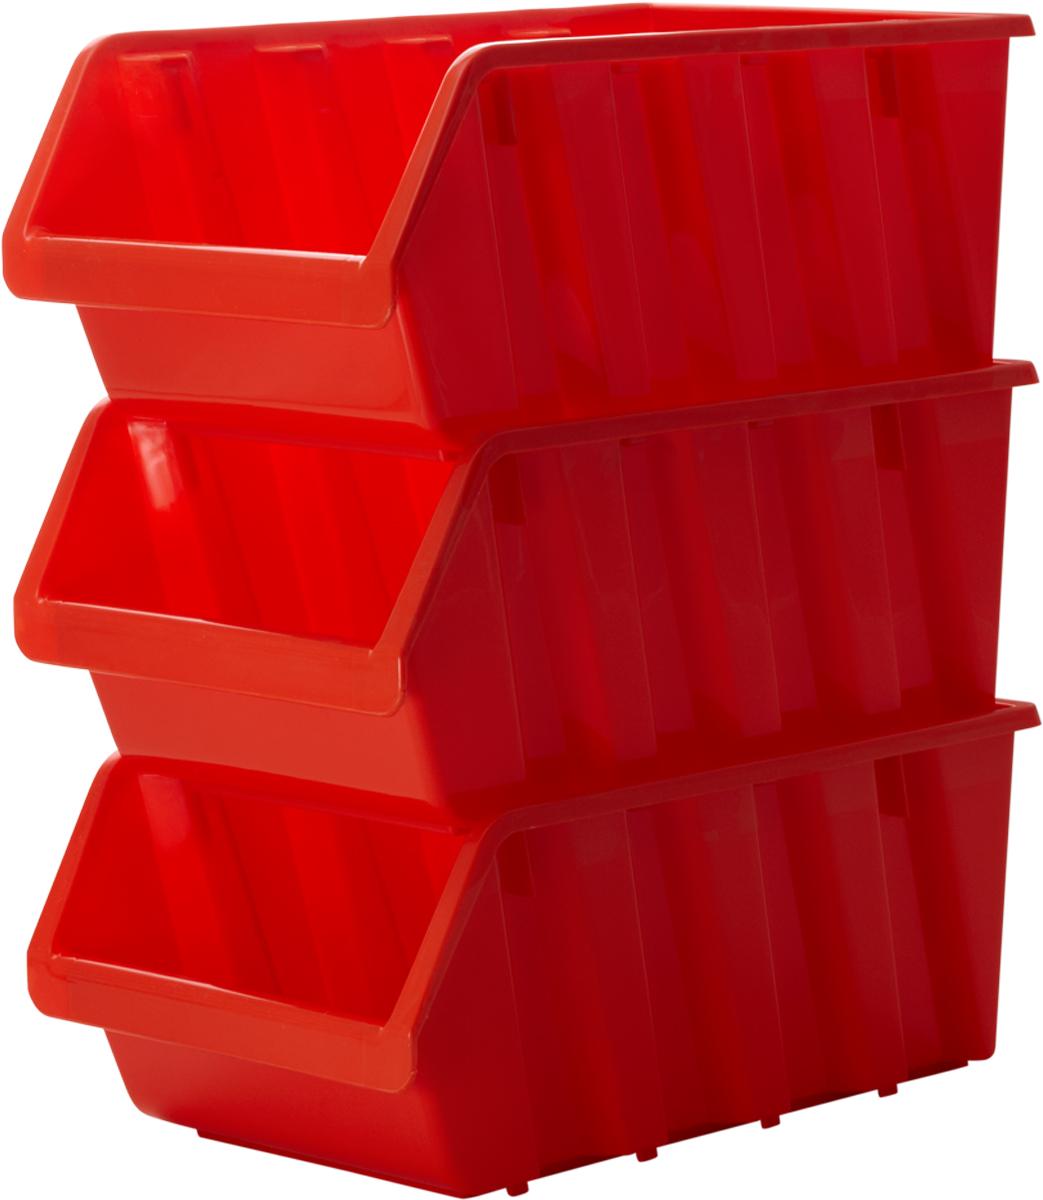 Лоток для метизов Blocker, цвет: оранжевый, 375 х 225 х 160 ммПЦ3742ОРПродуманная конструкция лотков для метизов и других мелочей позволяет организовать пространство хранения по Вашему выбору. Лотки надежно ставятся друг на друга за счет специальной системы крепления. Конструкция предусматривает размещение на планке для крепления малых и средних лотков. Оптимальная конструкция передней части для удобного вынимания метизов.